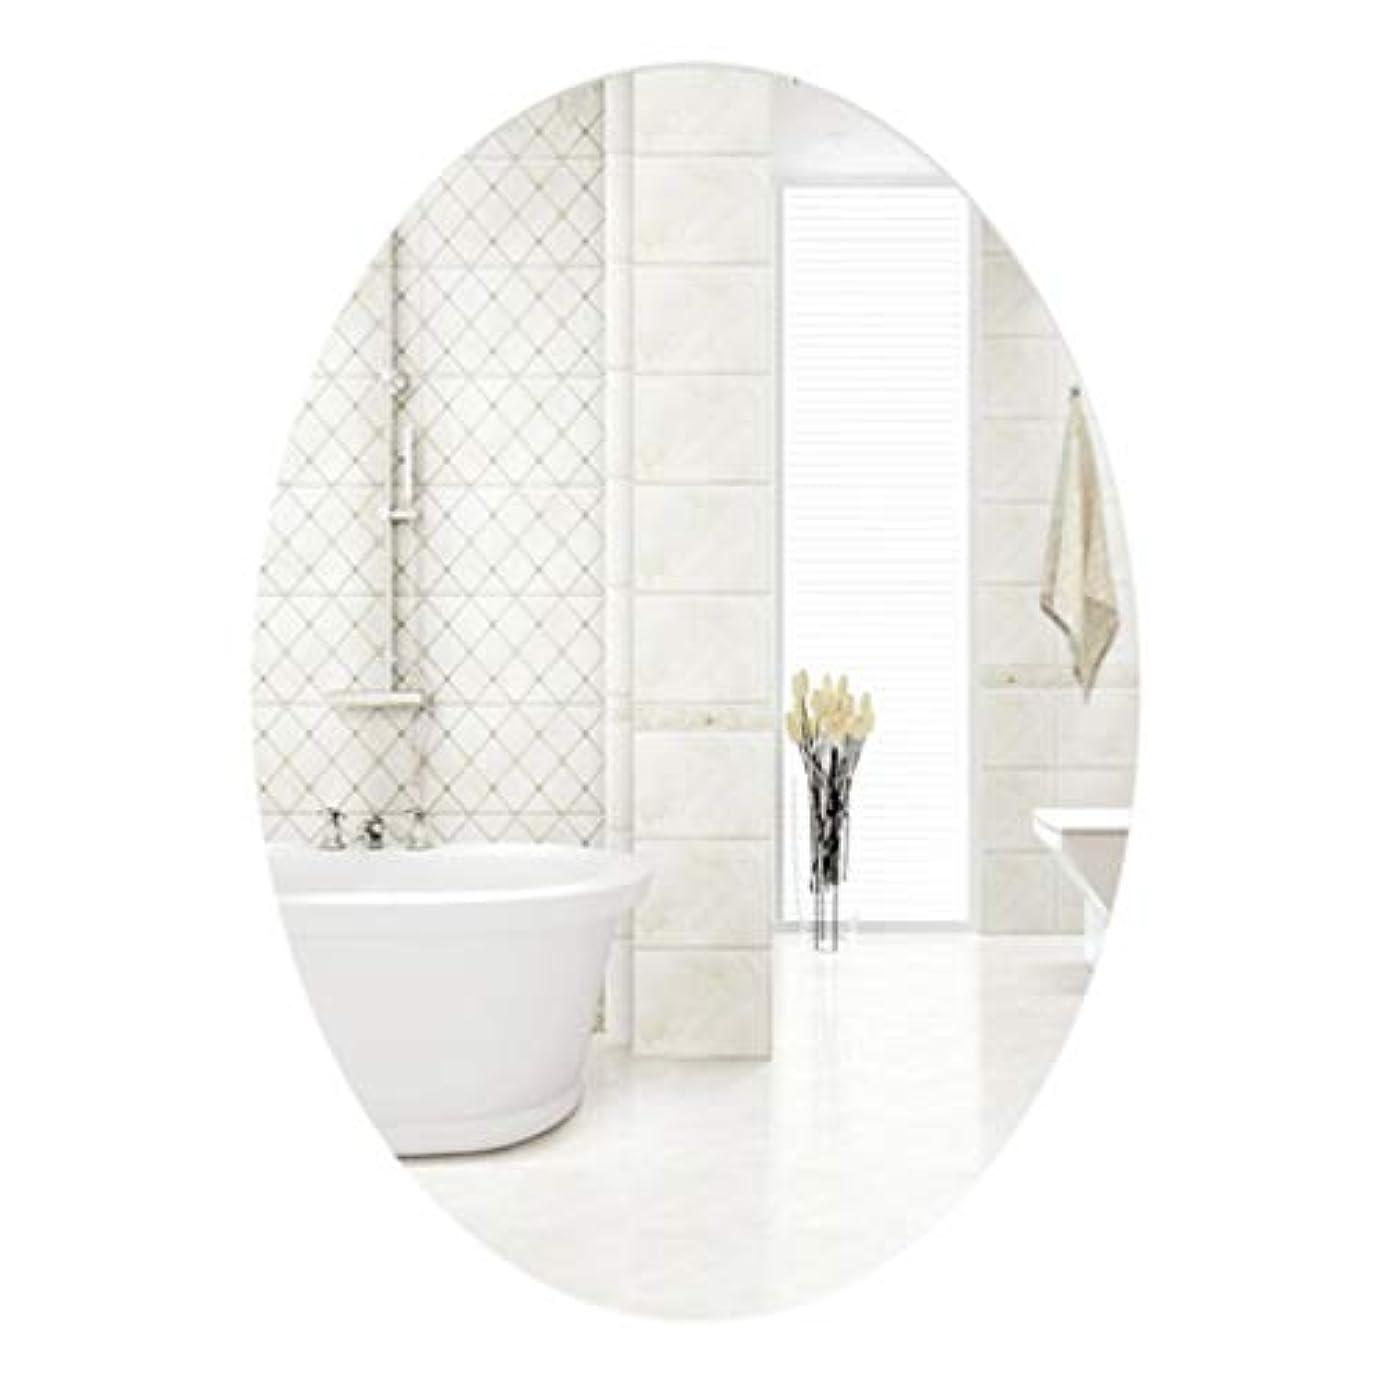 食料品店未就学世紀浴室、洗面化粧台、寝室(45x60cm、50x70cm、60x80cm)のための楕円形の磨かれたフレームレス防爆壁ミラー